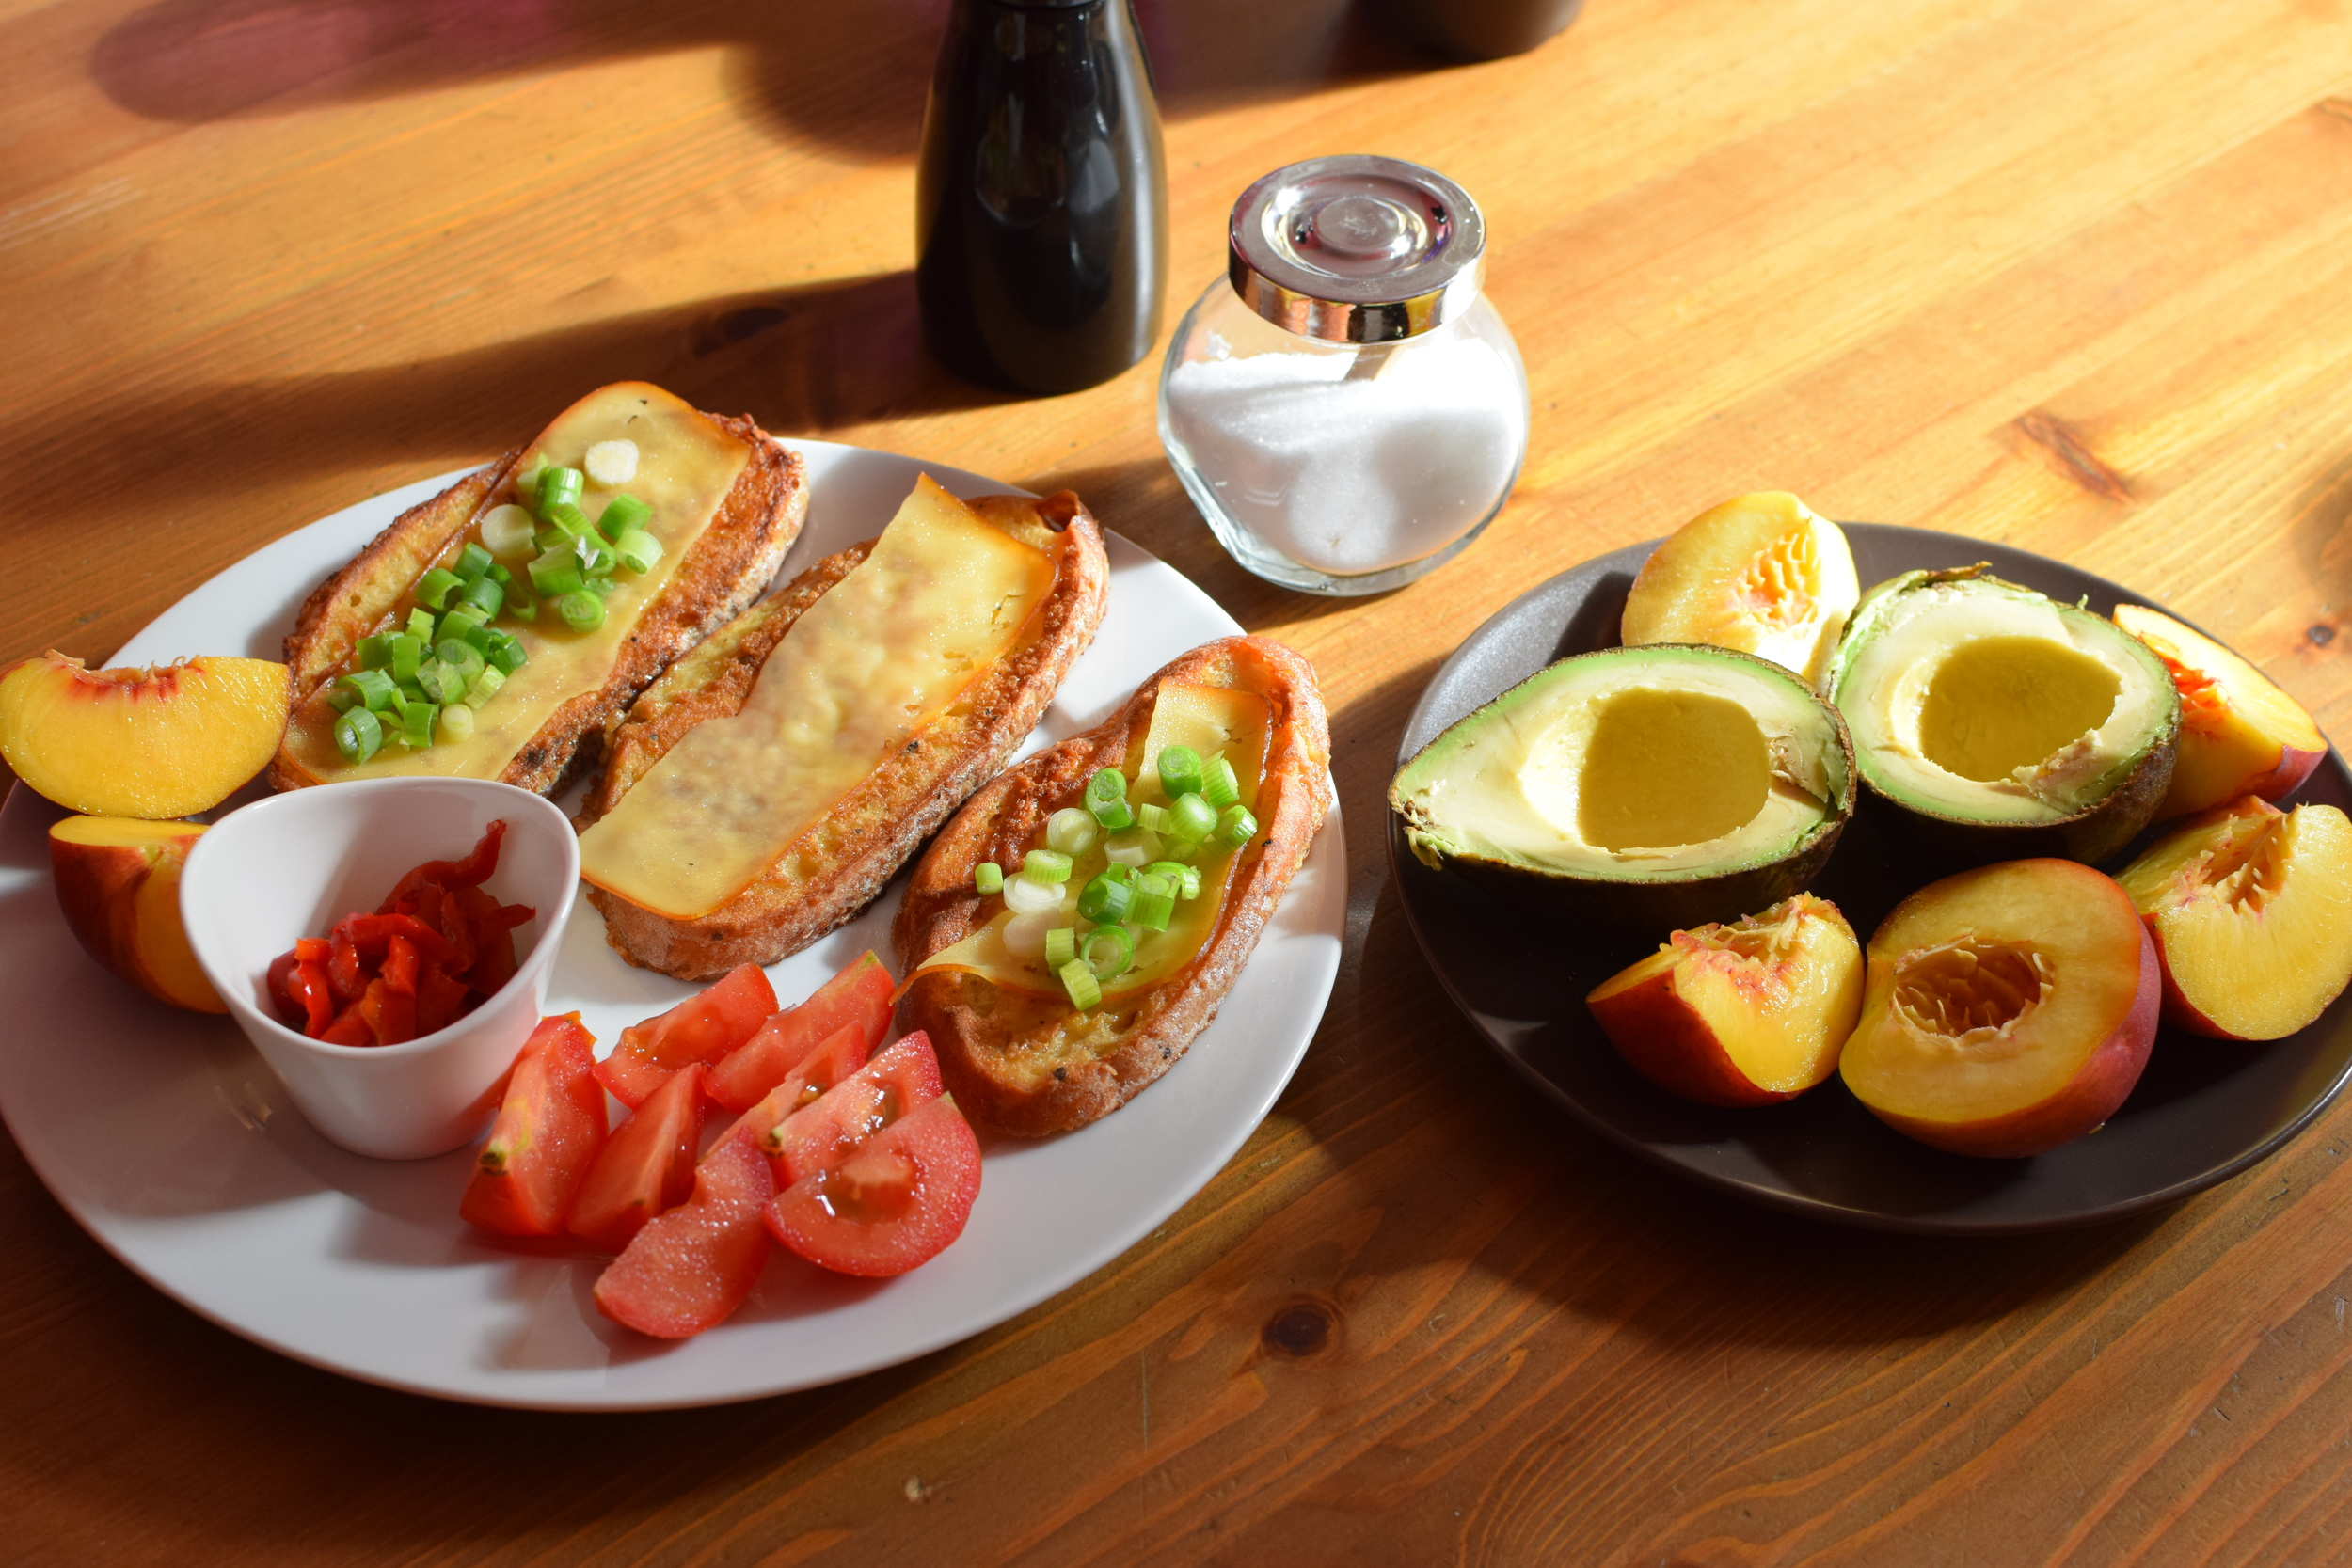 Co se starším nesladkým pečivem? Osmažit ve vajíčku na másle! A rozhodně nejen chléb, ale i rohlíky, housky atd. (překrojit, prosím) a čím více zrníček to obsahuje, tím je tahle snídaně chutnější.